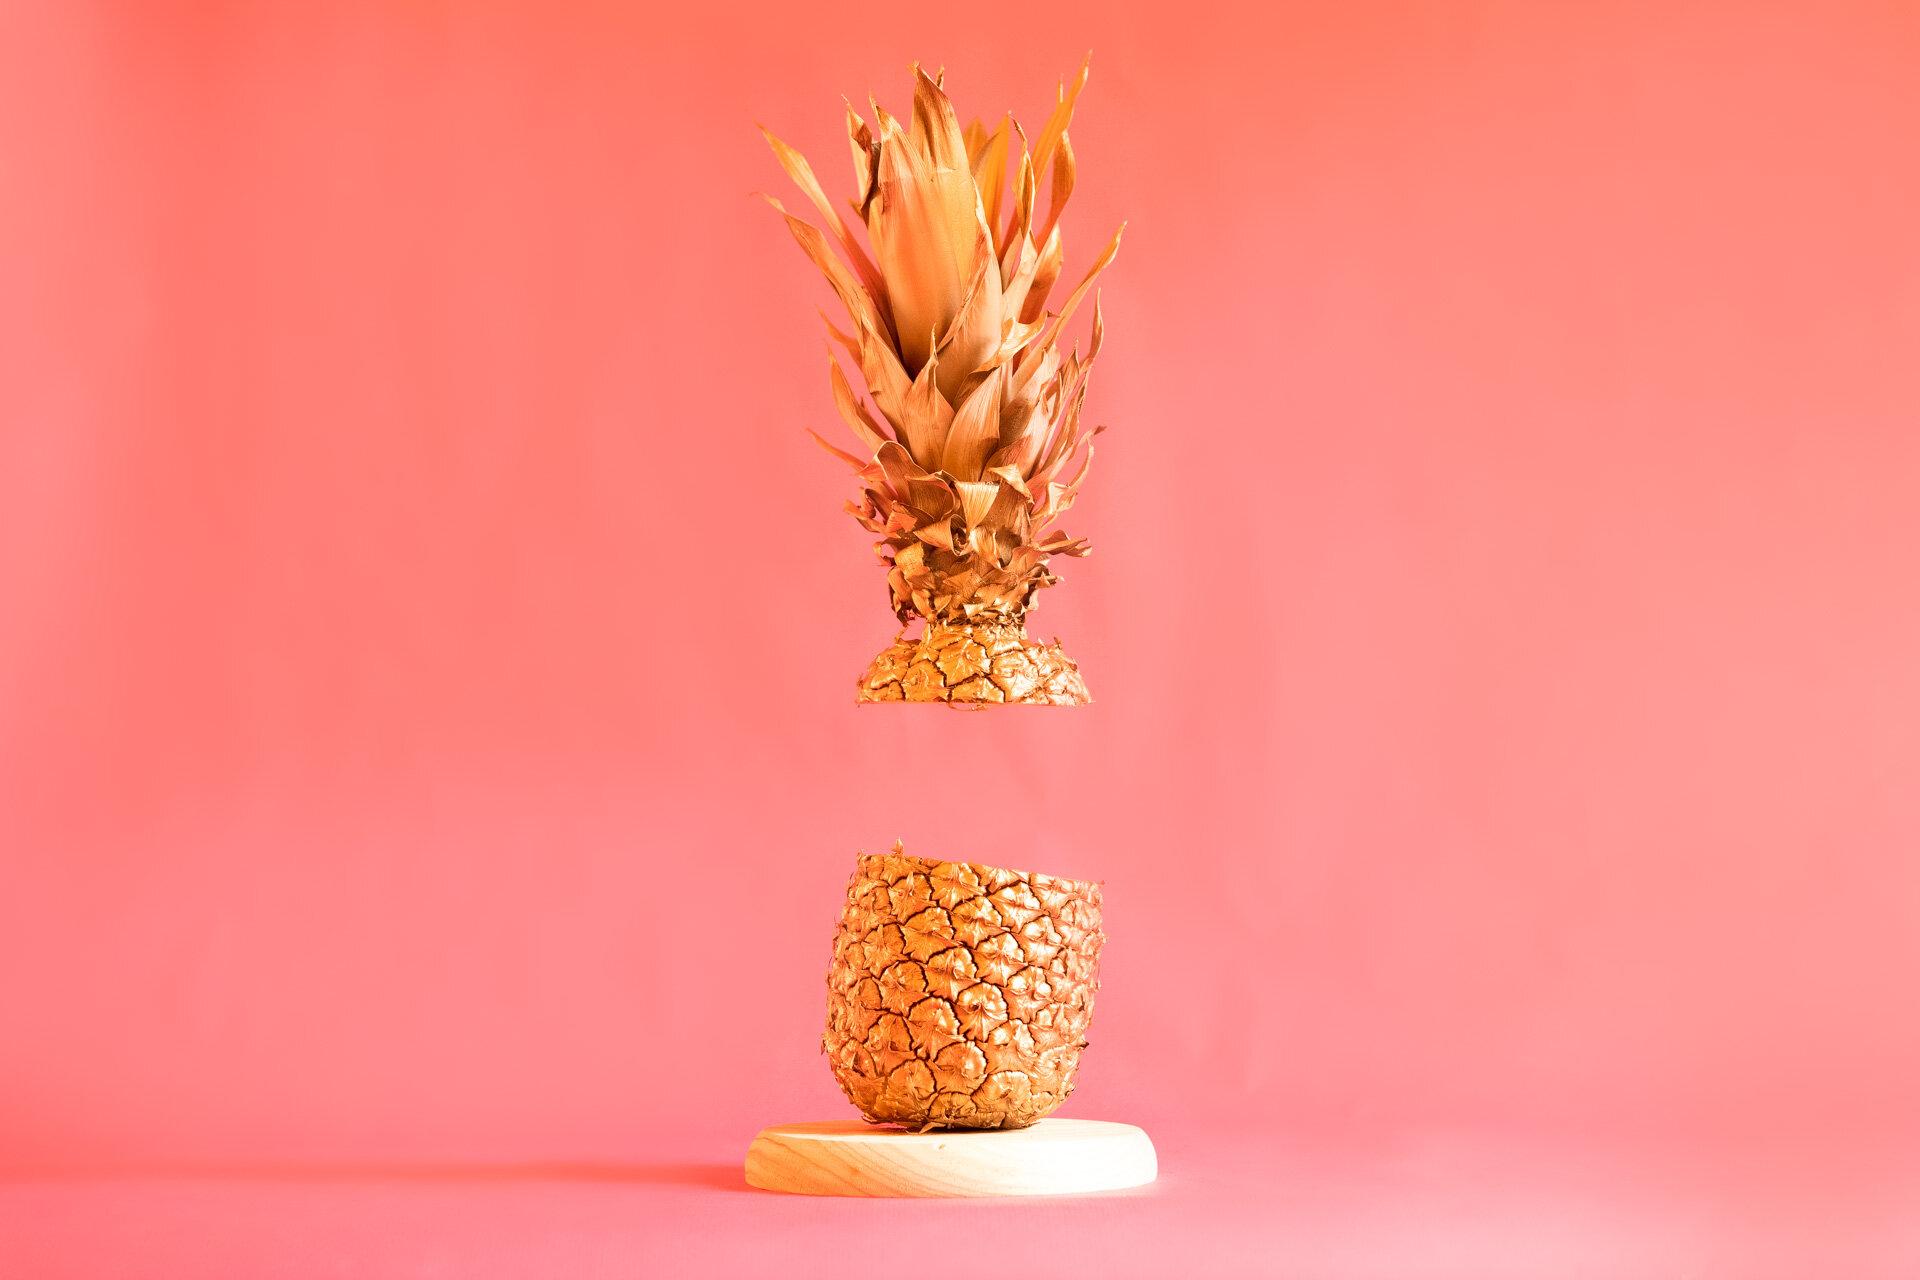 BPP 11 - Golden Pineapple - IG-10.jpg